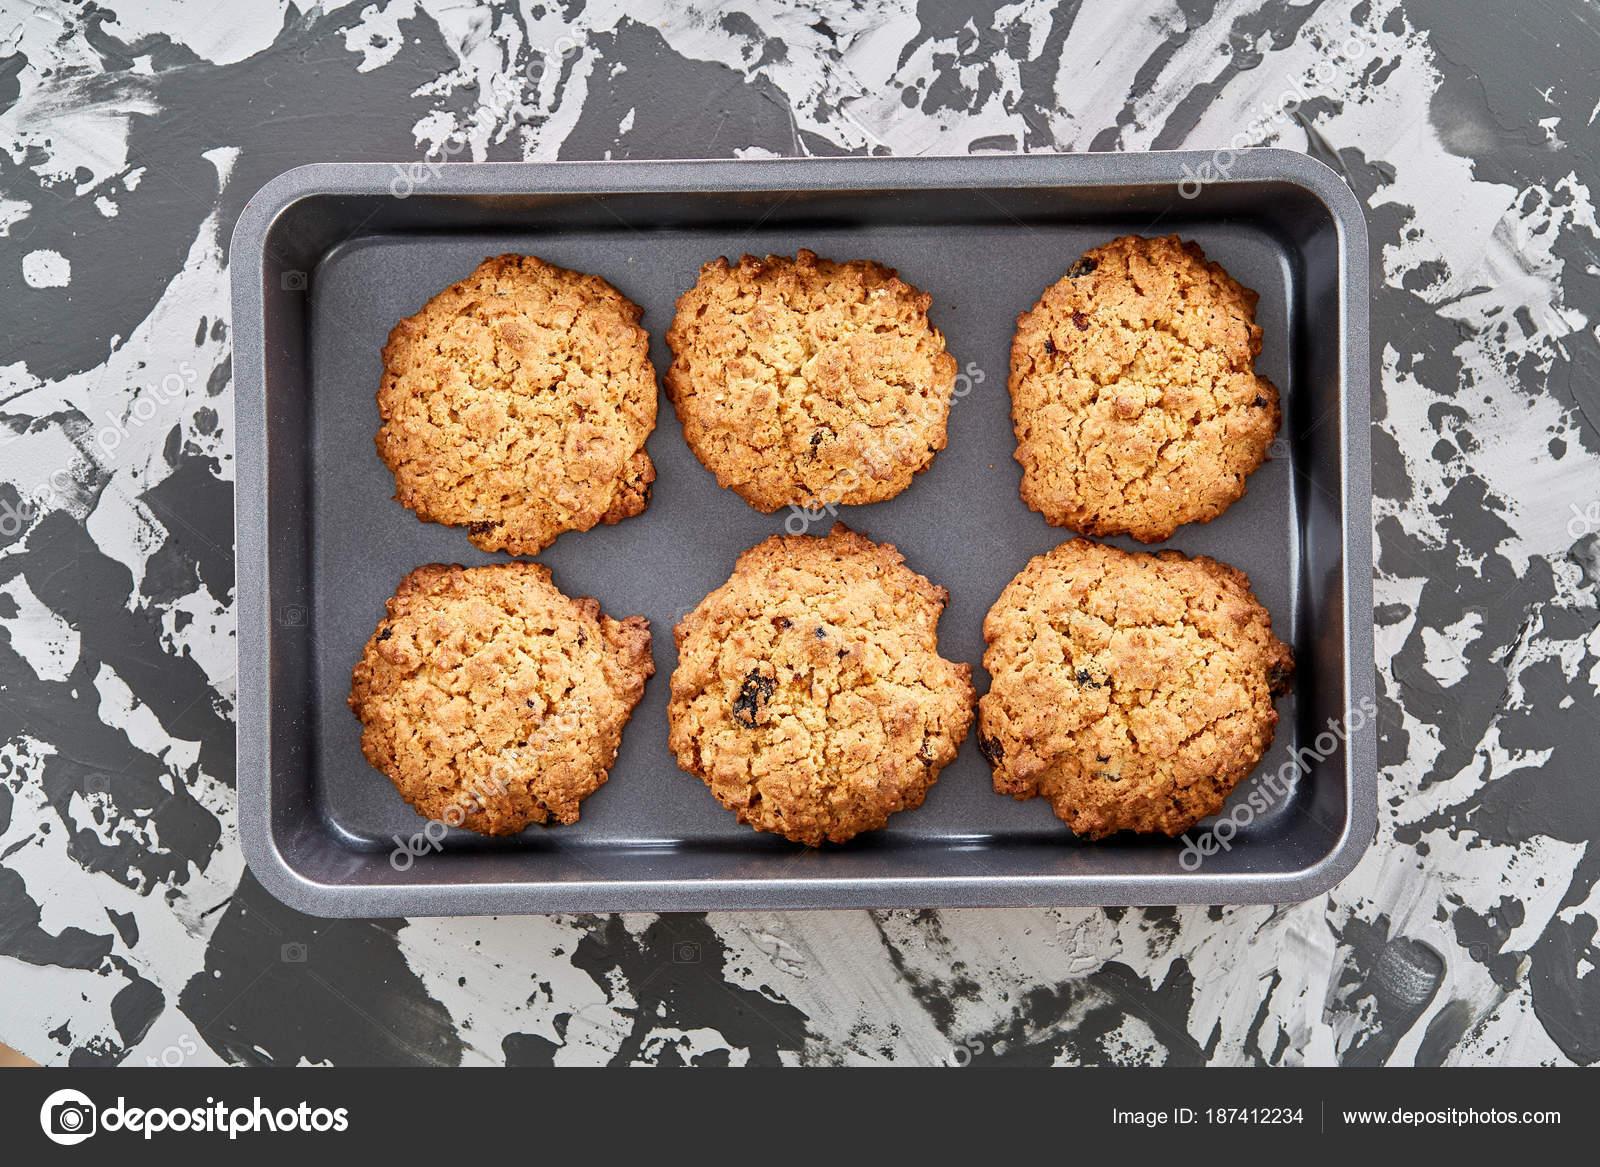 Frais Biscuits Cuits Au Four Sur Une Plaque à Biscuits Vue